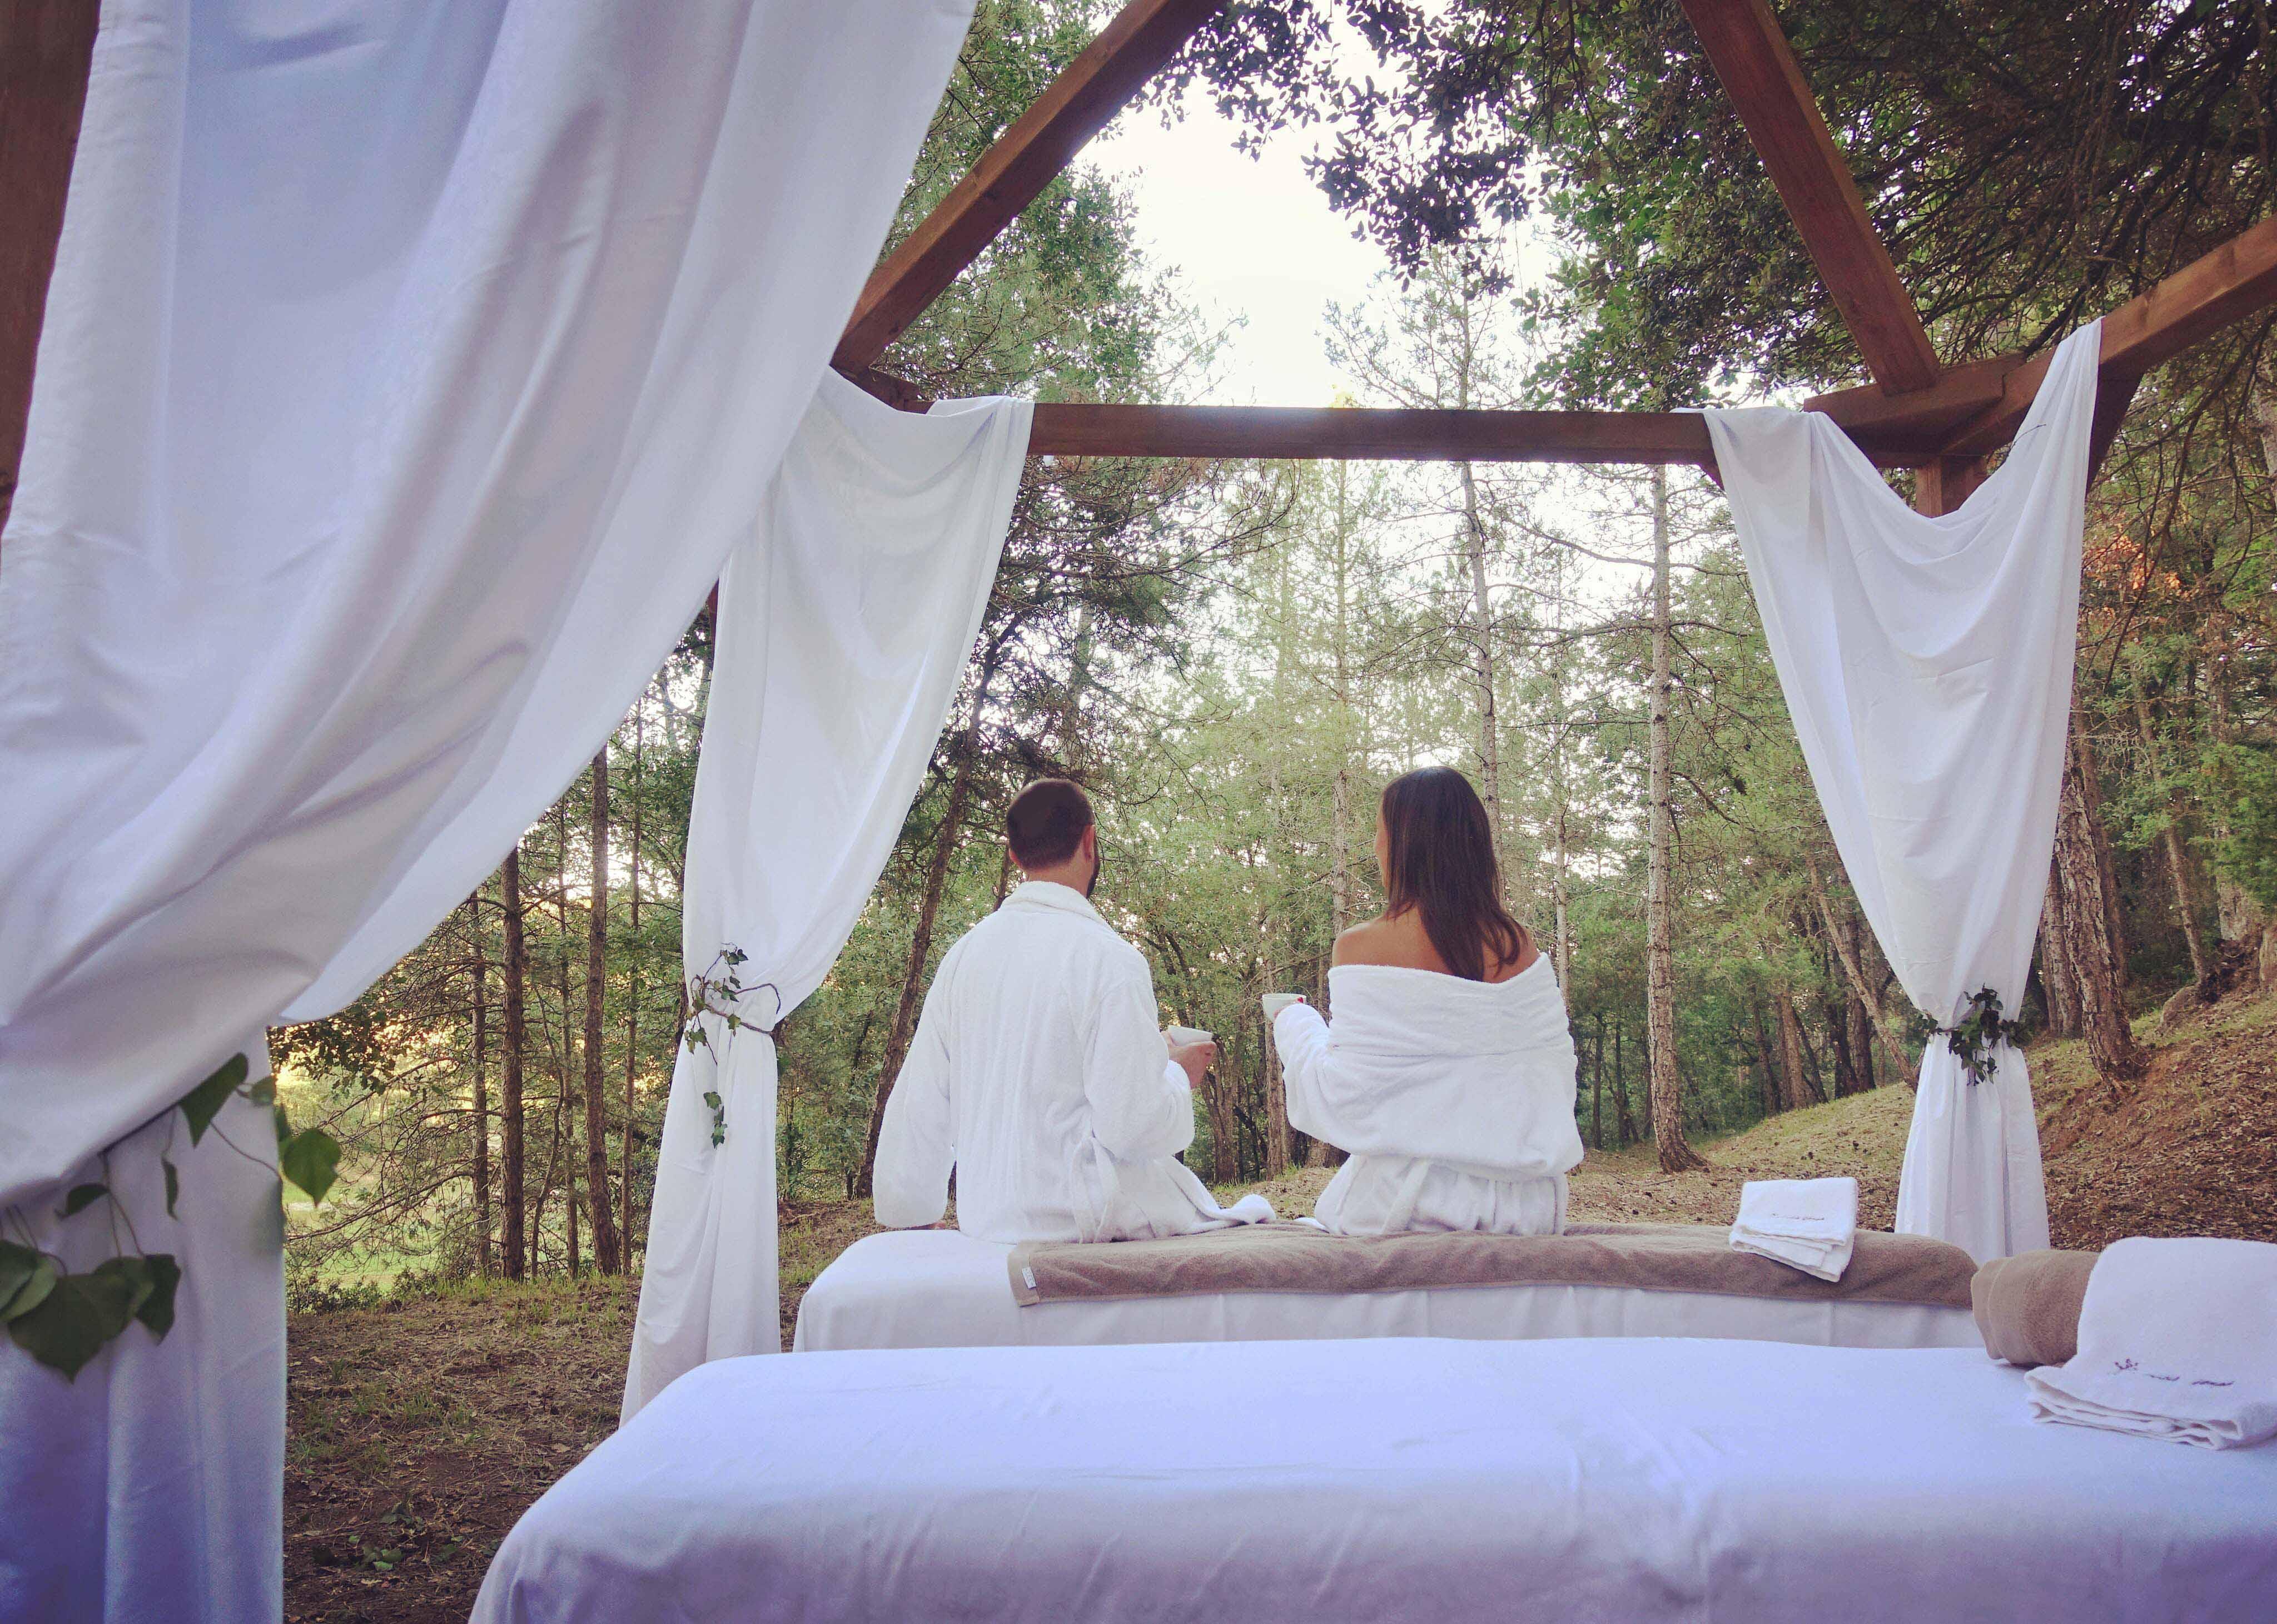 Wellness La Vella Farga 6 b - Masajes en el bosque, la propuesta wellness más natural y revitalizante del hotel La Vella Farga